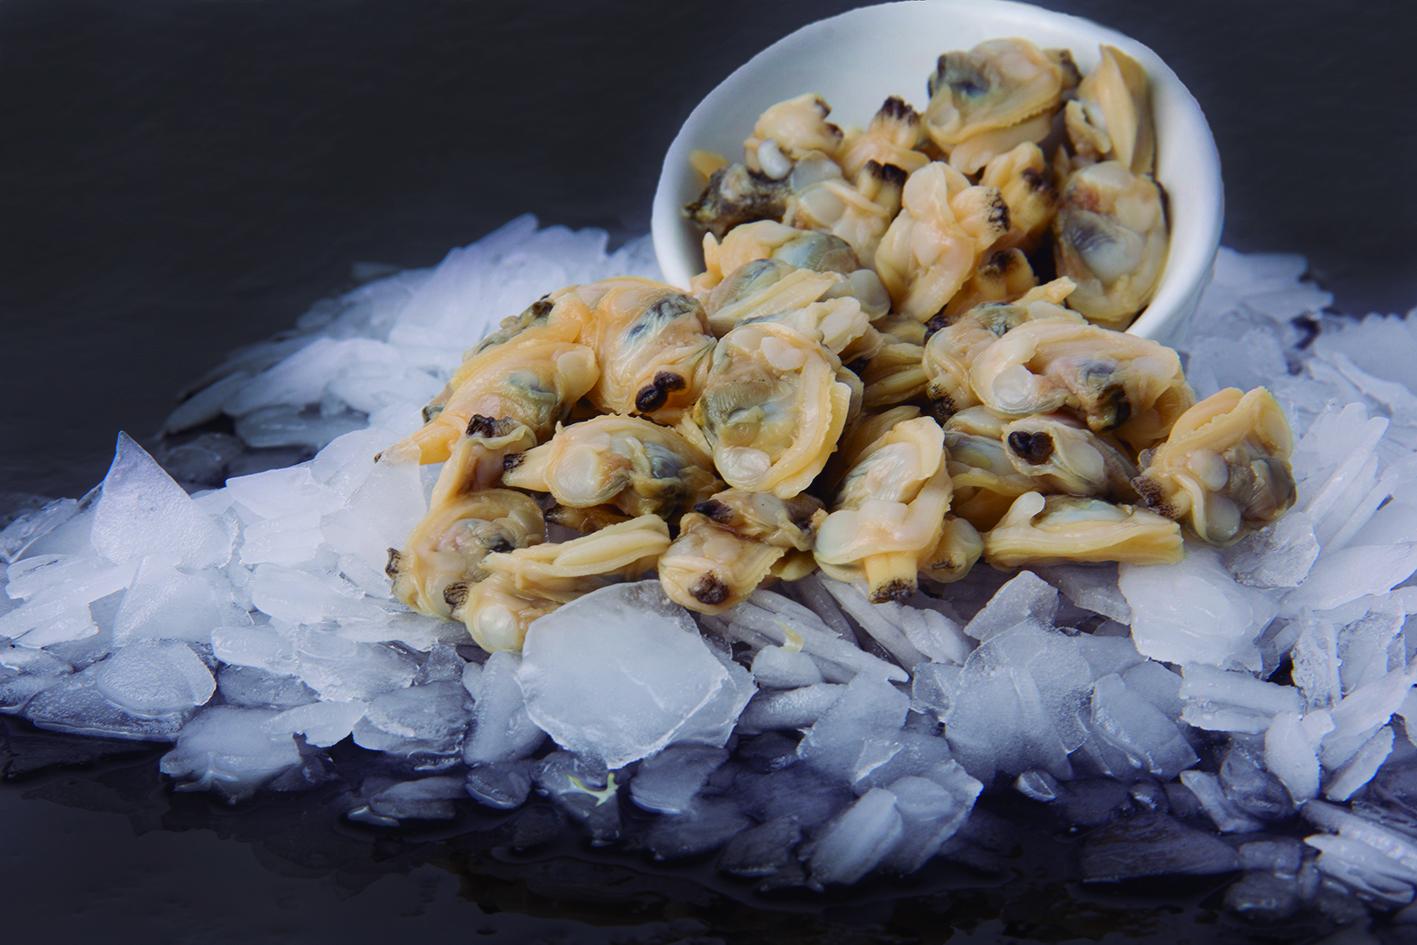 Clam meat (Paphia undulata)